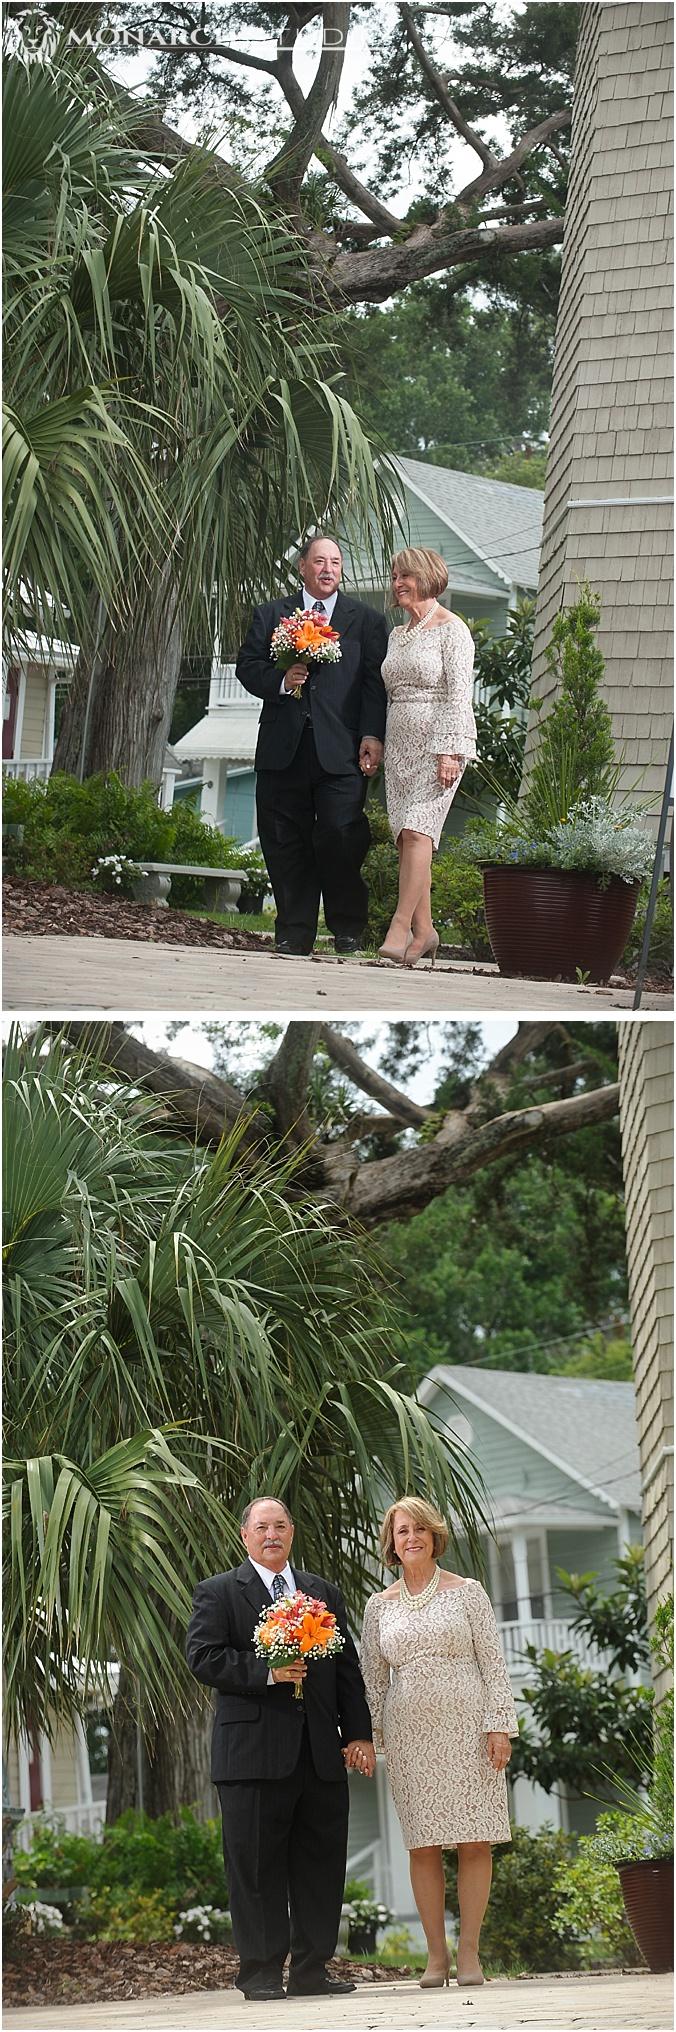 st-augustine-elopement-wedding-photographer- (14).jpg